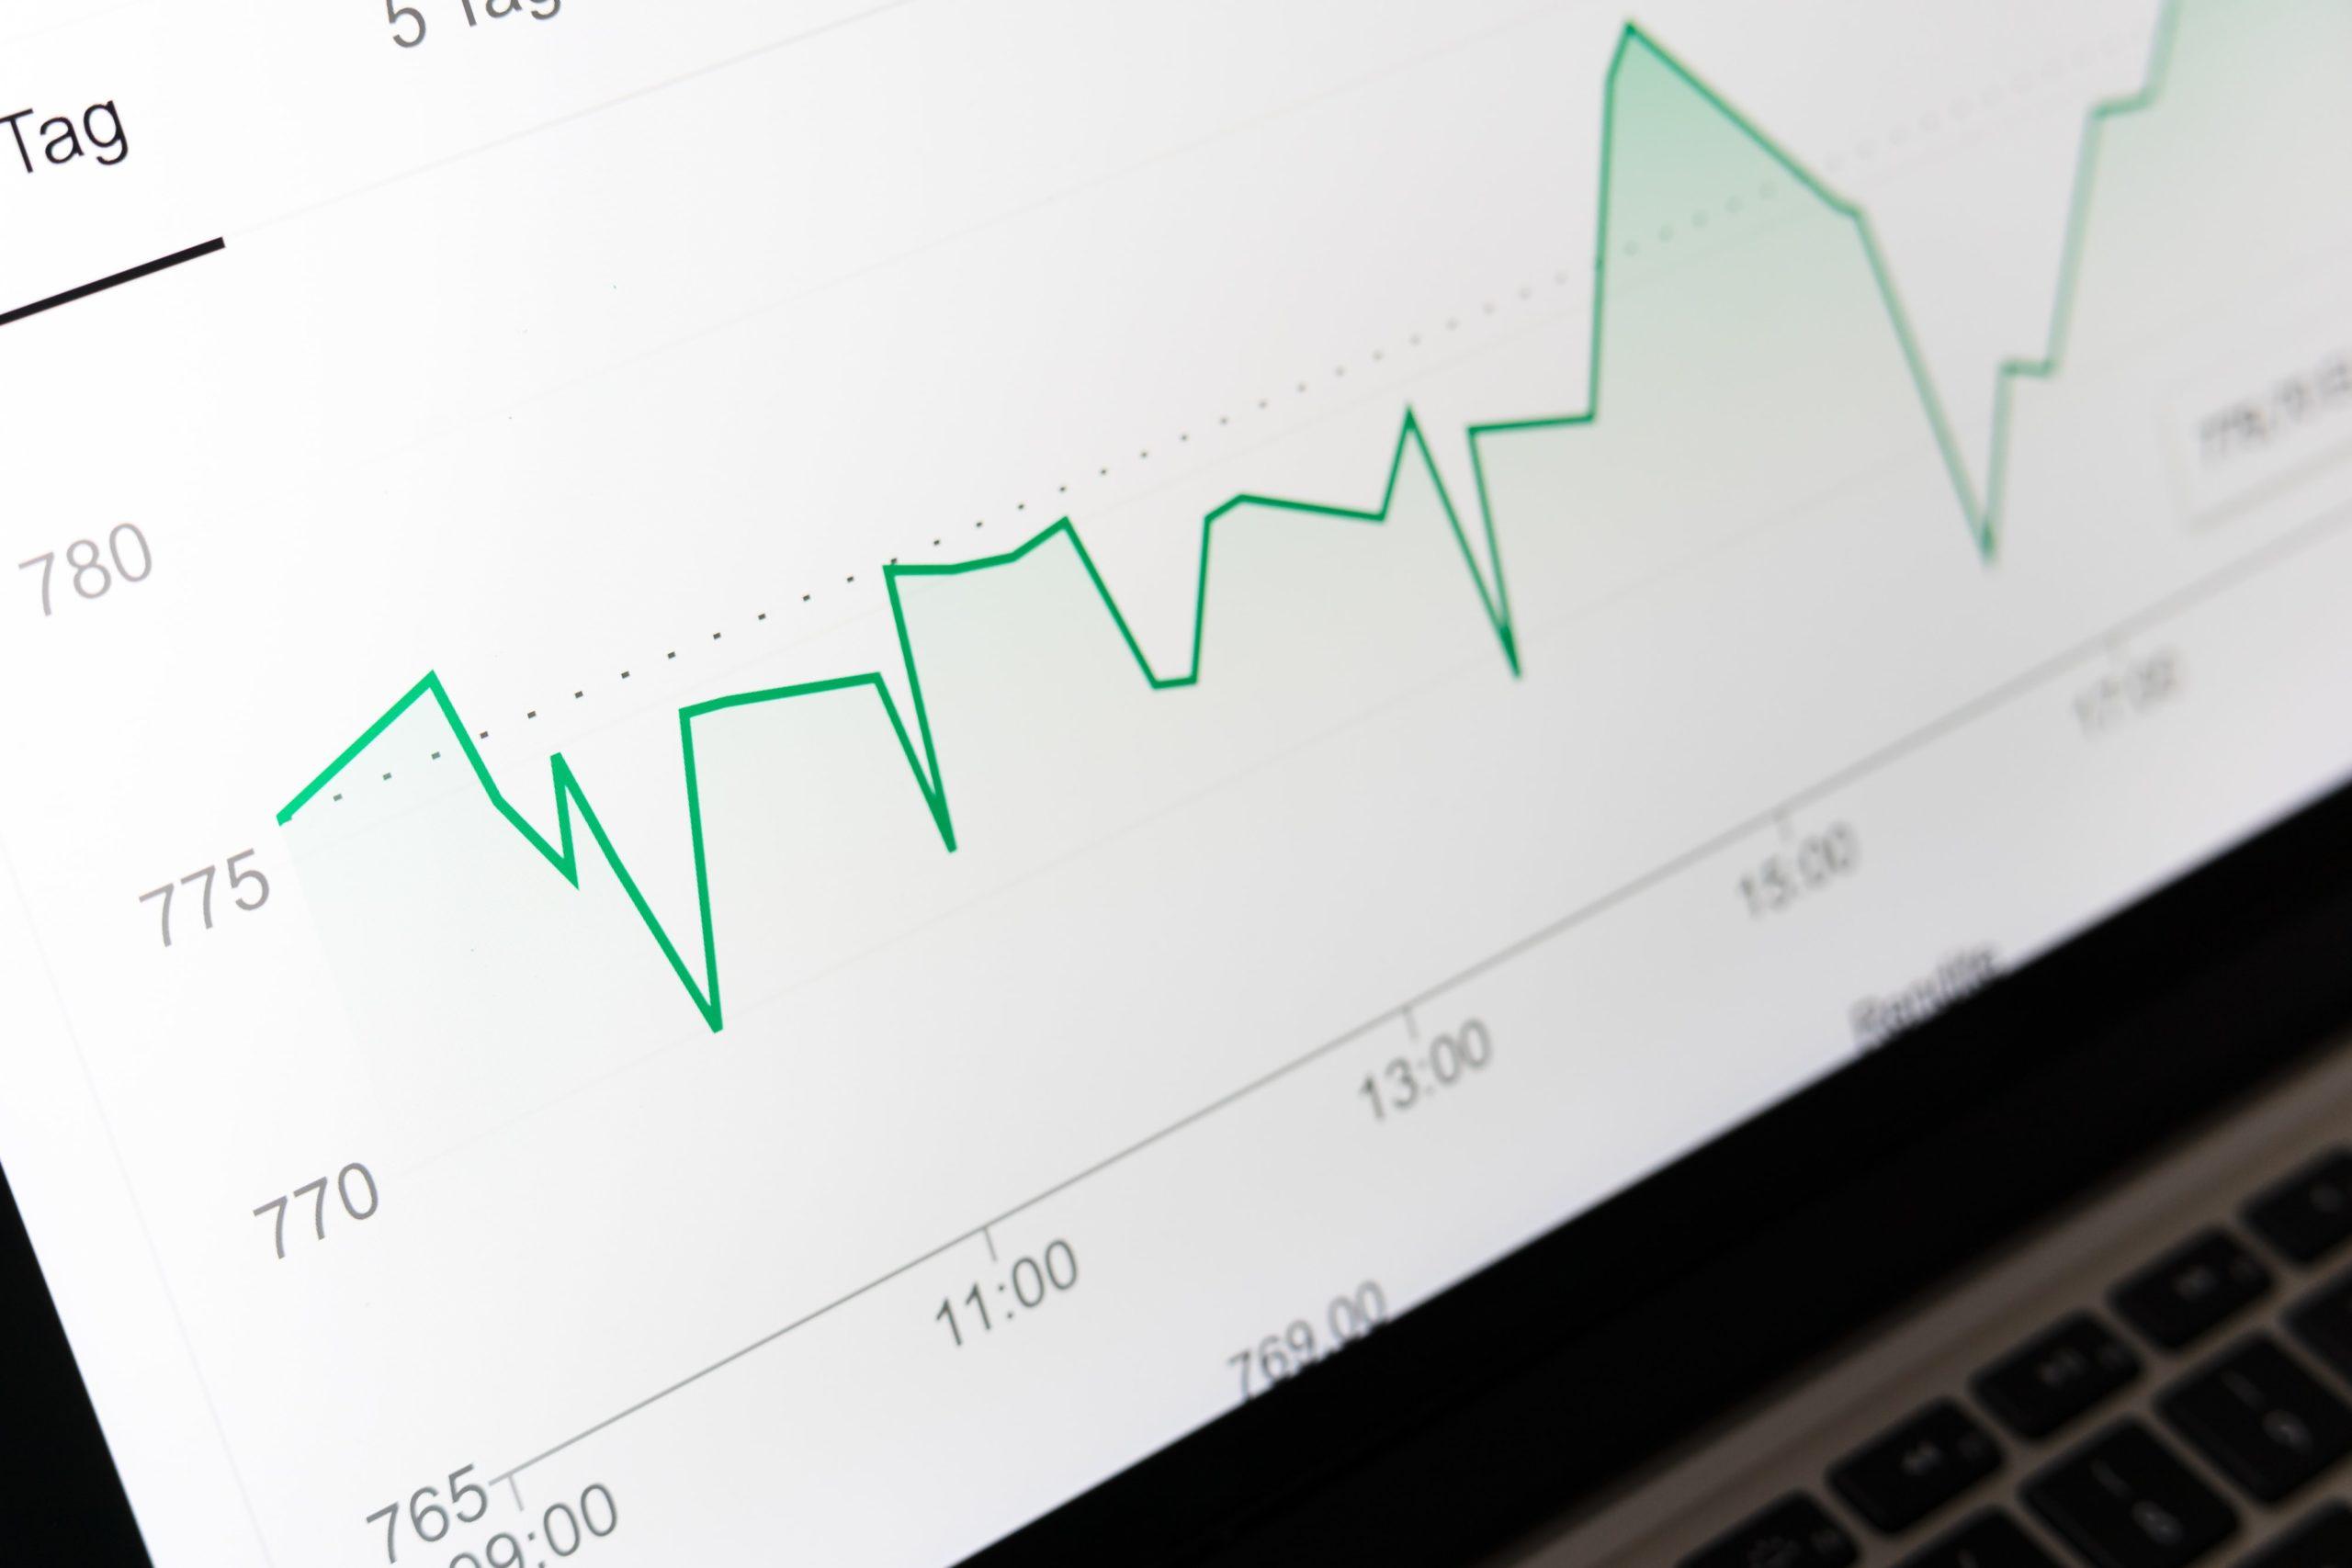 Statistiques facturation d'énergie edf